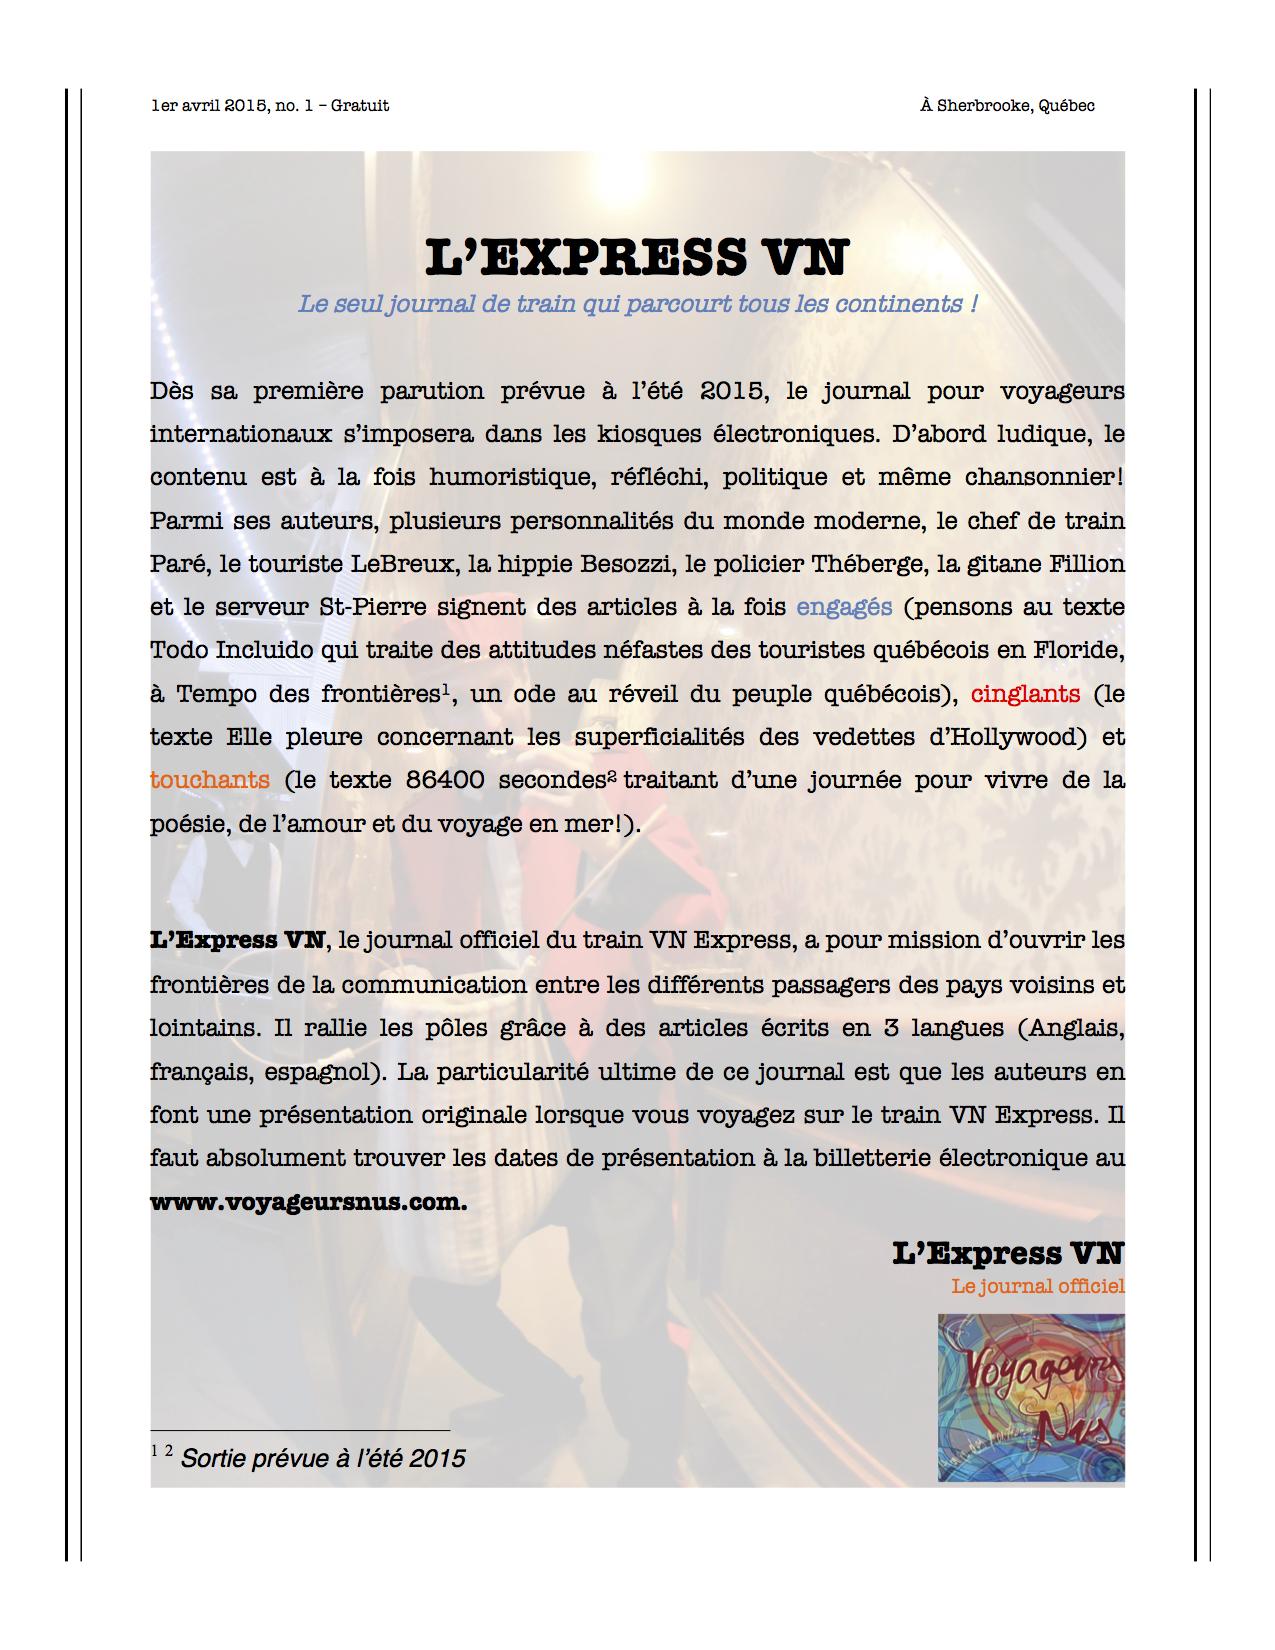 L'Express VN